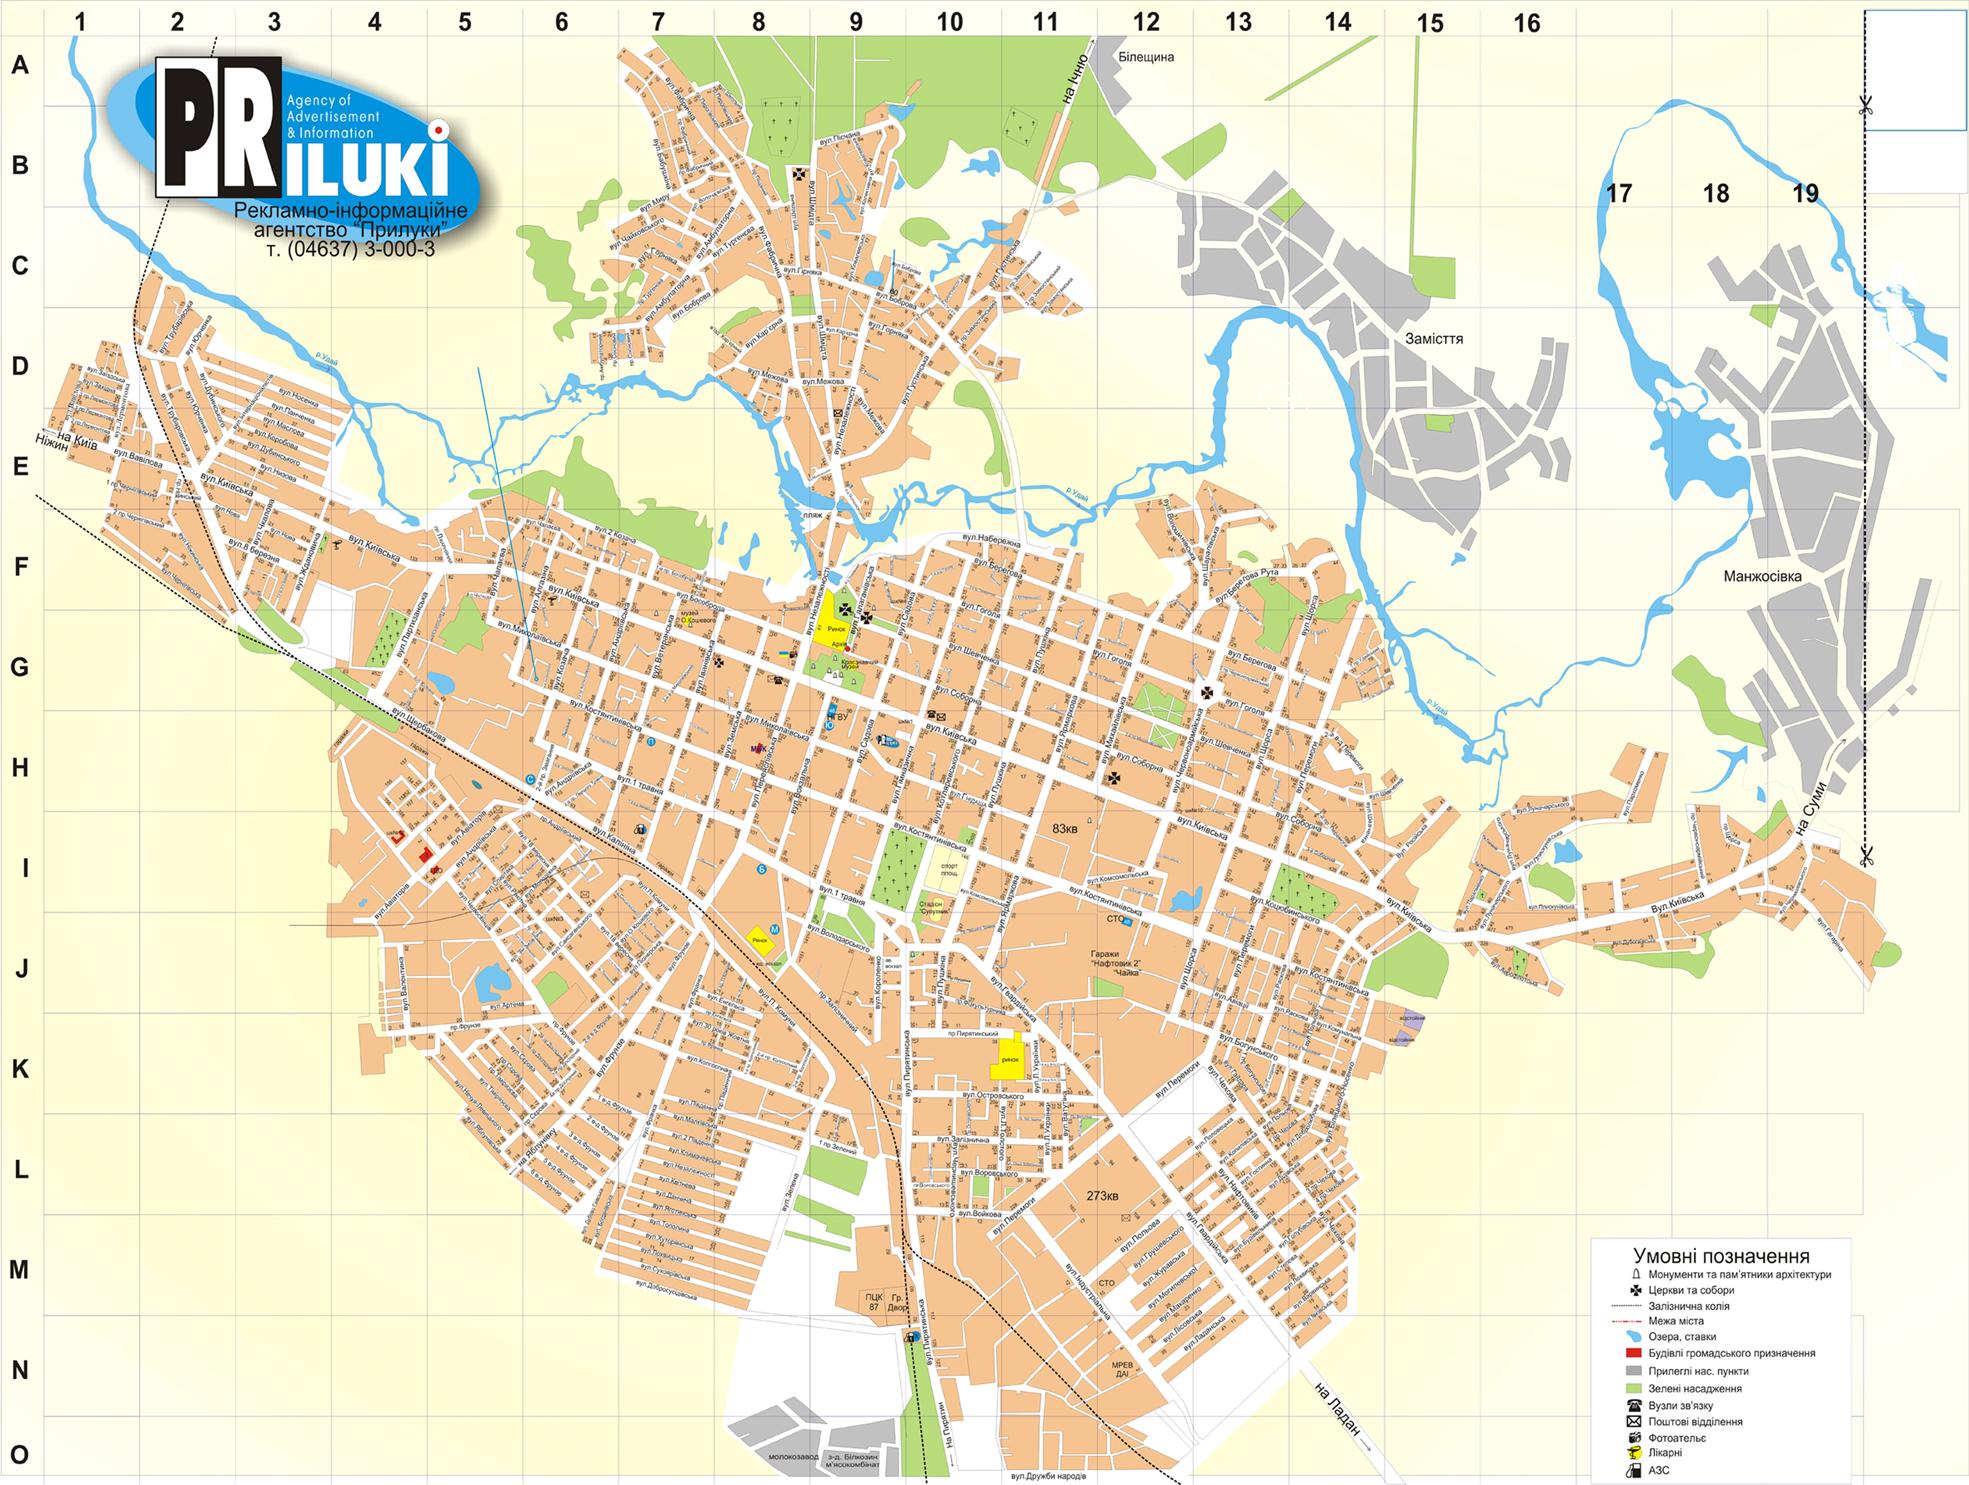 Карта города Прилуки